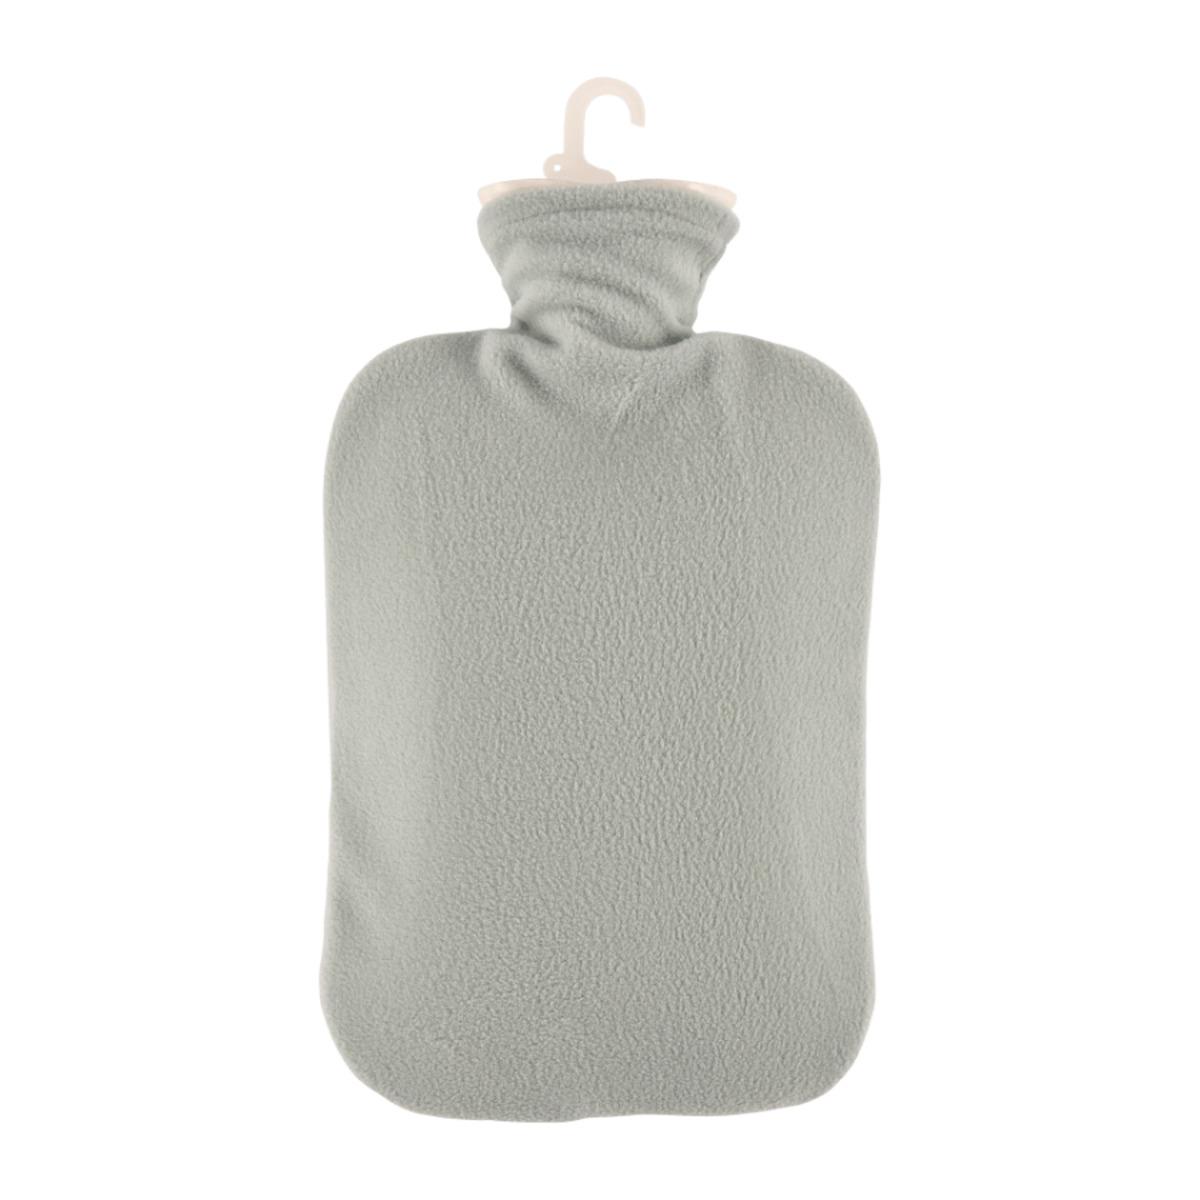 Bild 5 von Wärmflasche